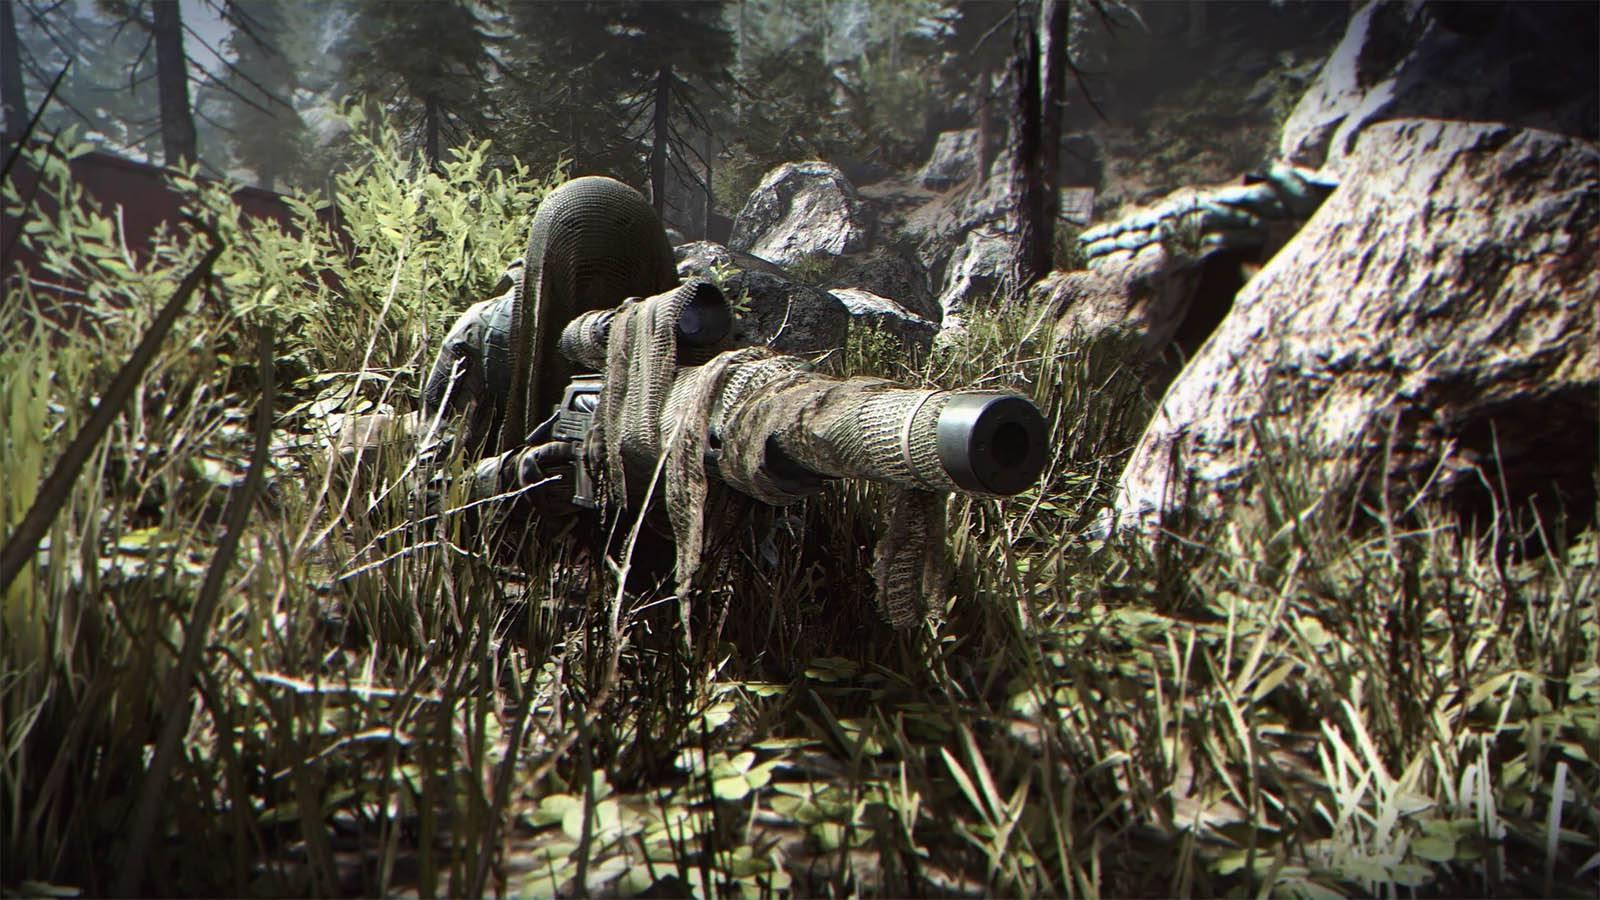 Najveći hit ove jeseni? Novi Call of Duty napokon je stigao